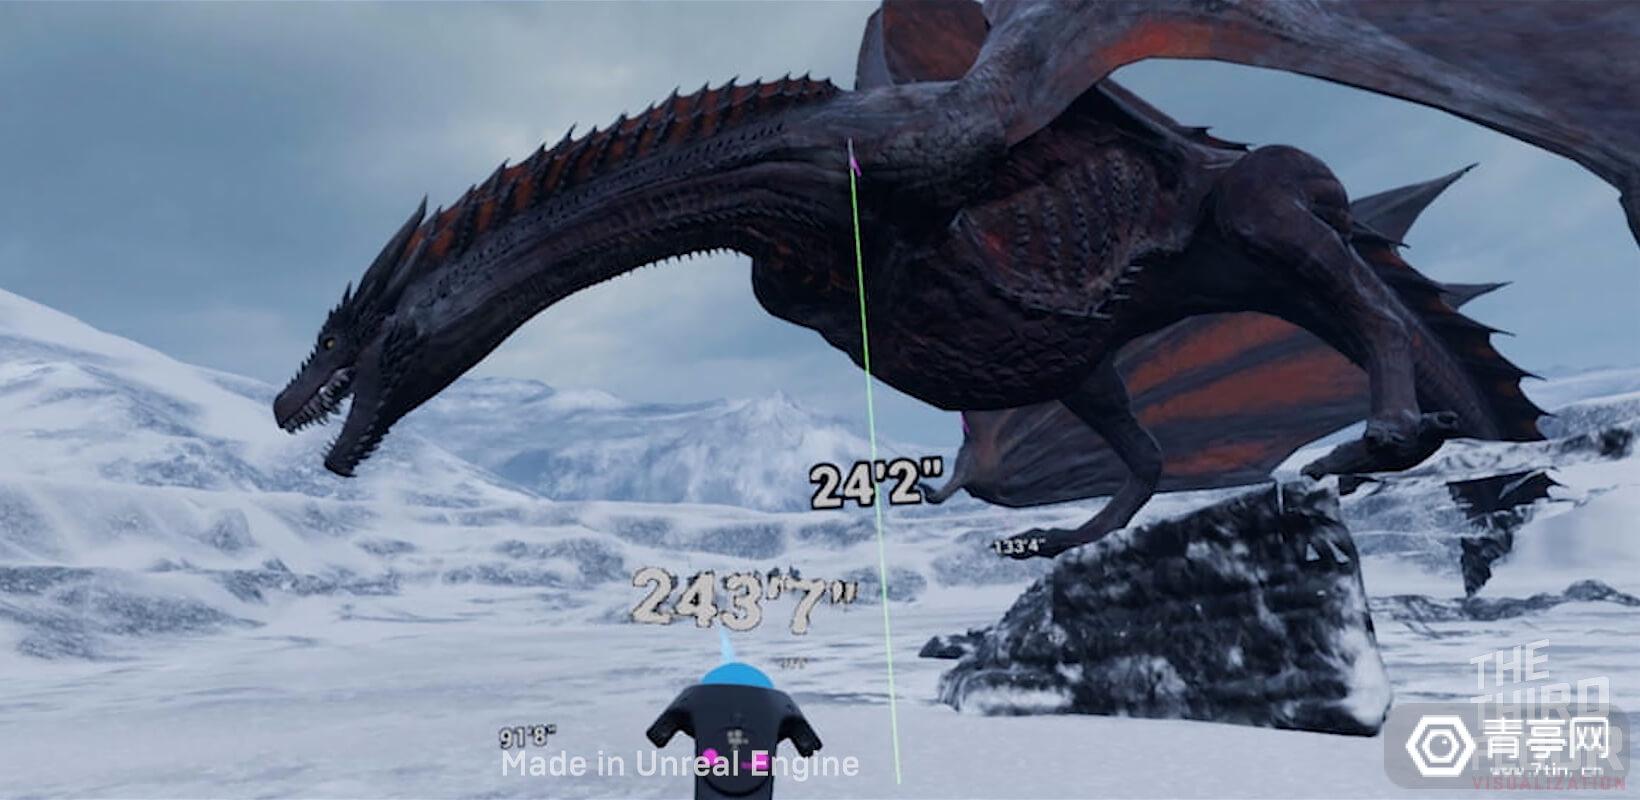 结合VR与游戏引擎,正逐渐成为影视制作标配技术